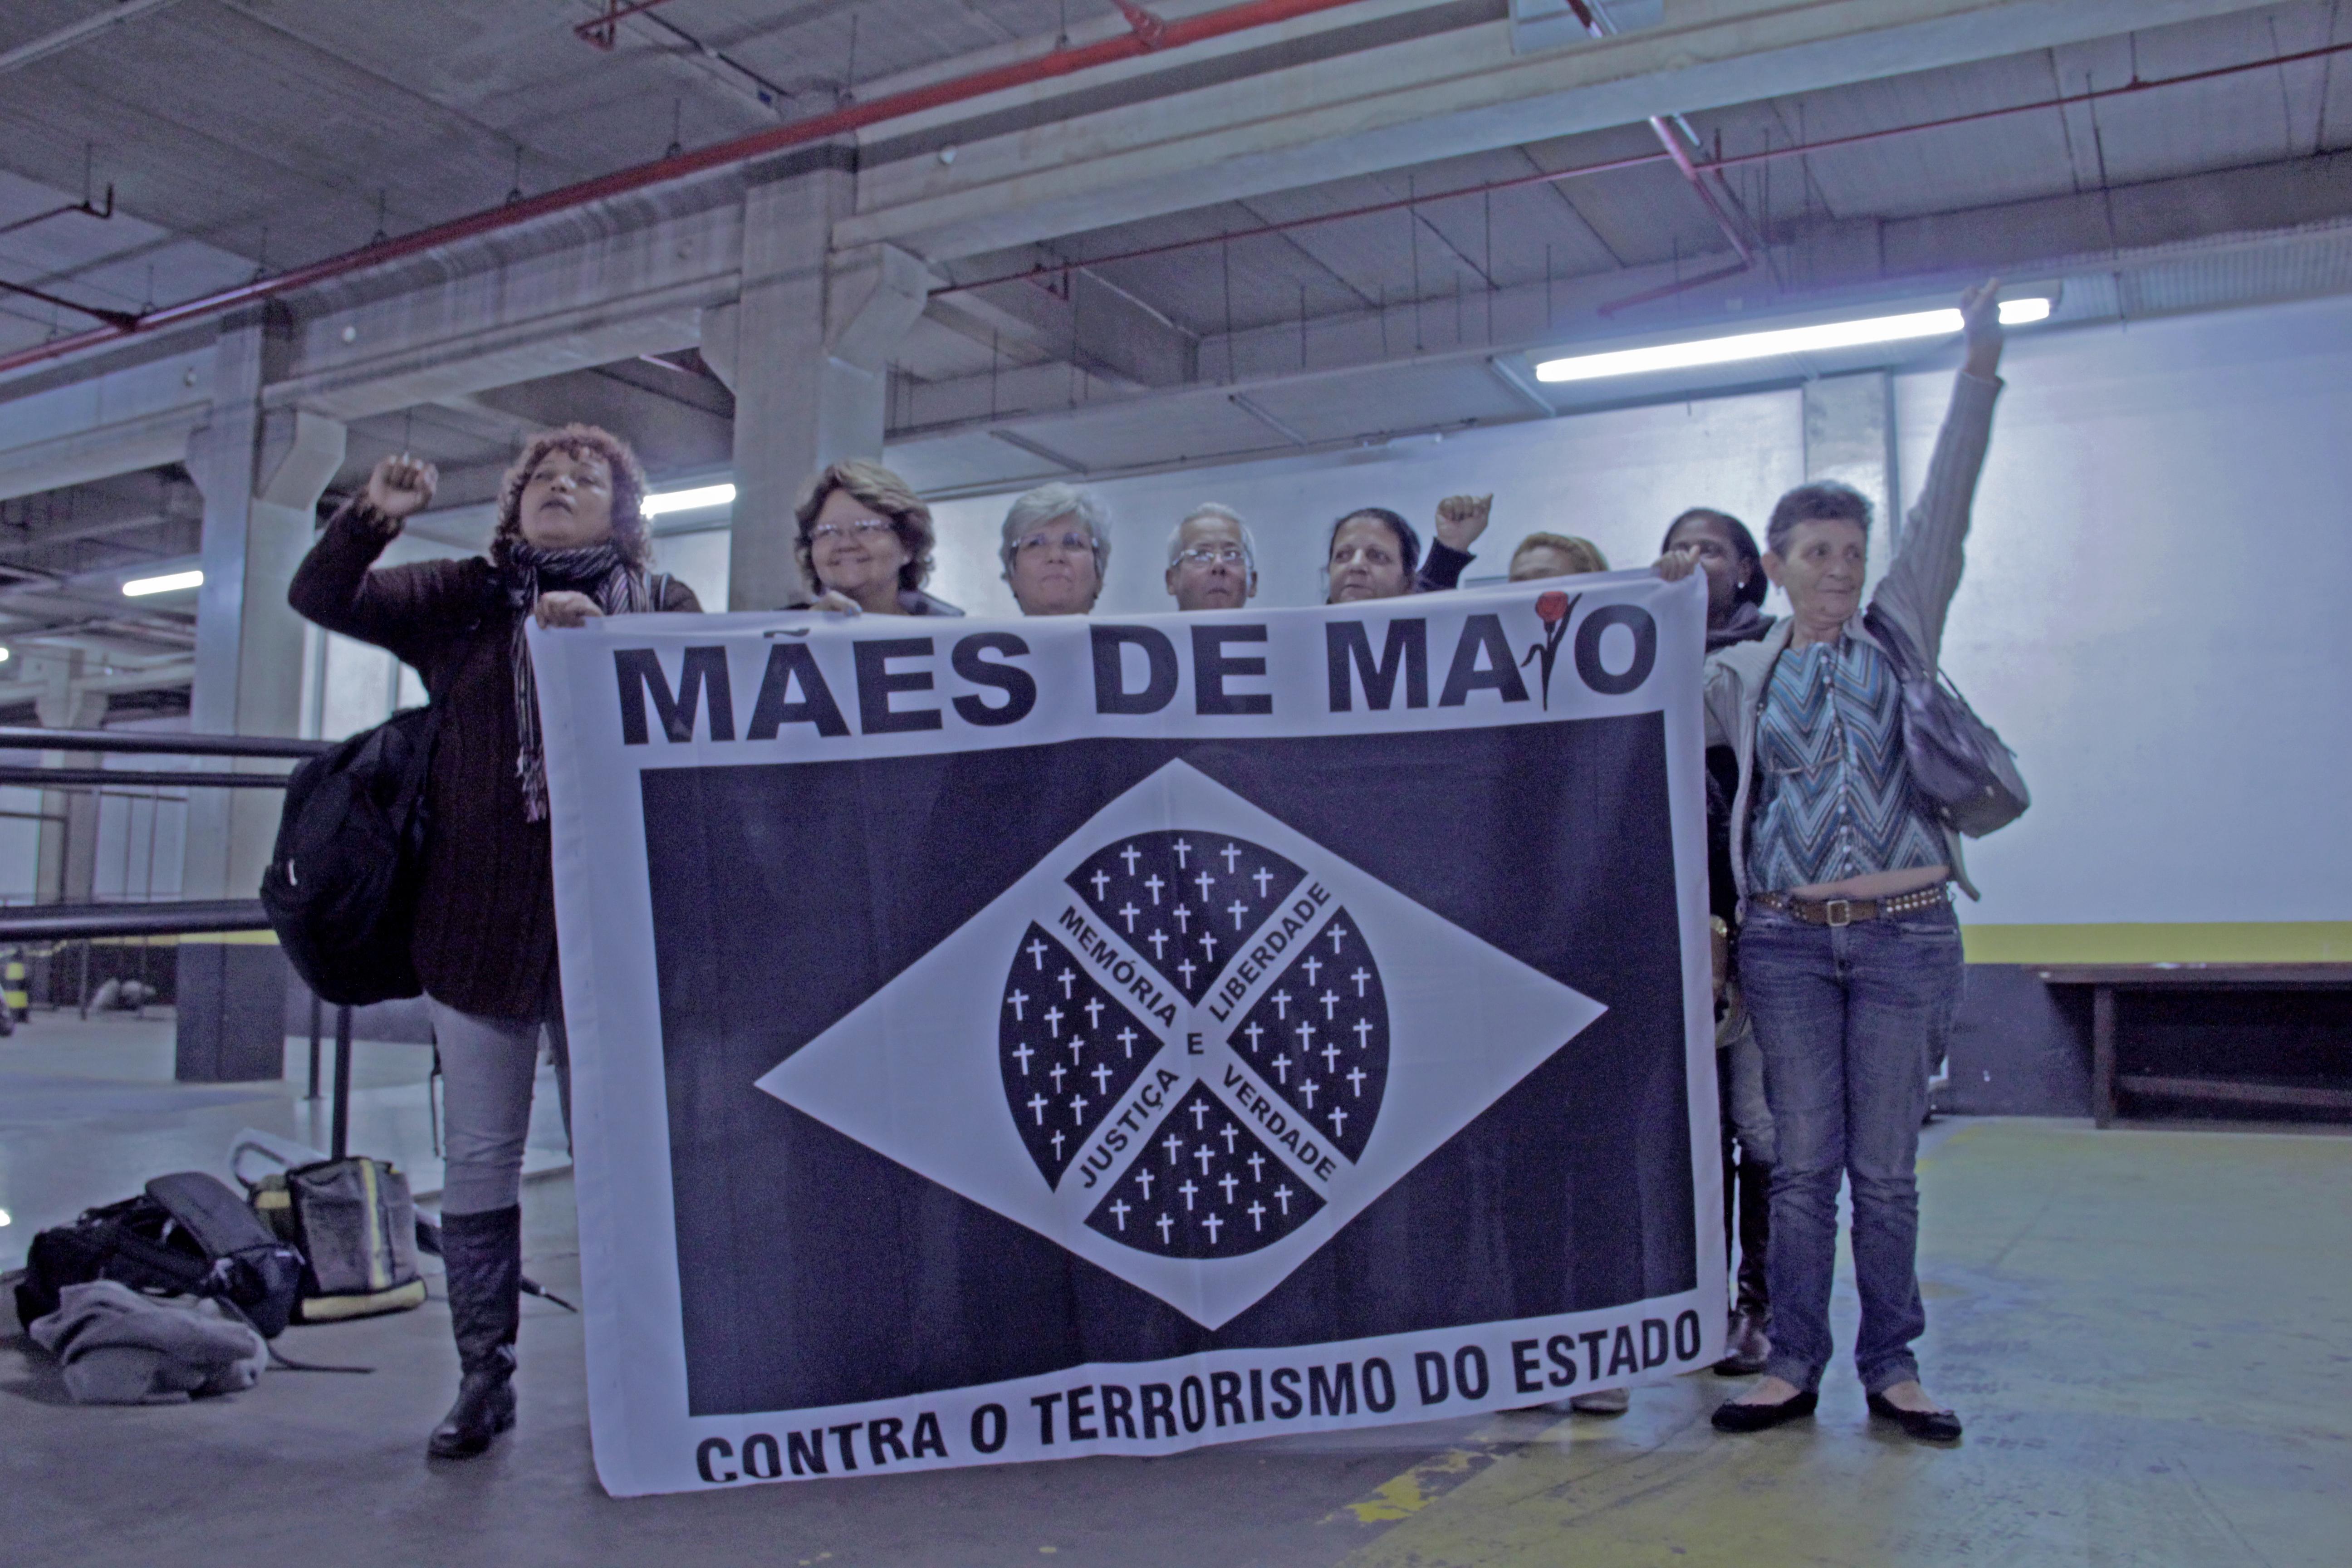 Mães de Maio junto com os pais de uma das vítimas (Foto: João Miranda)